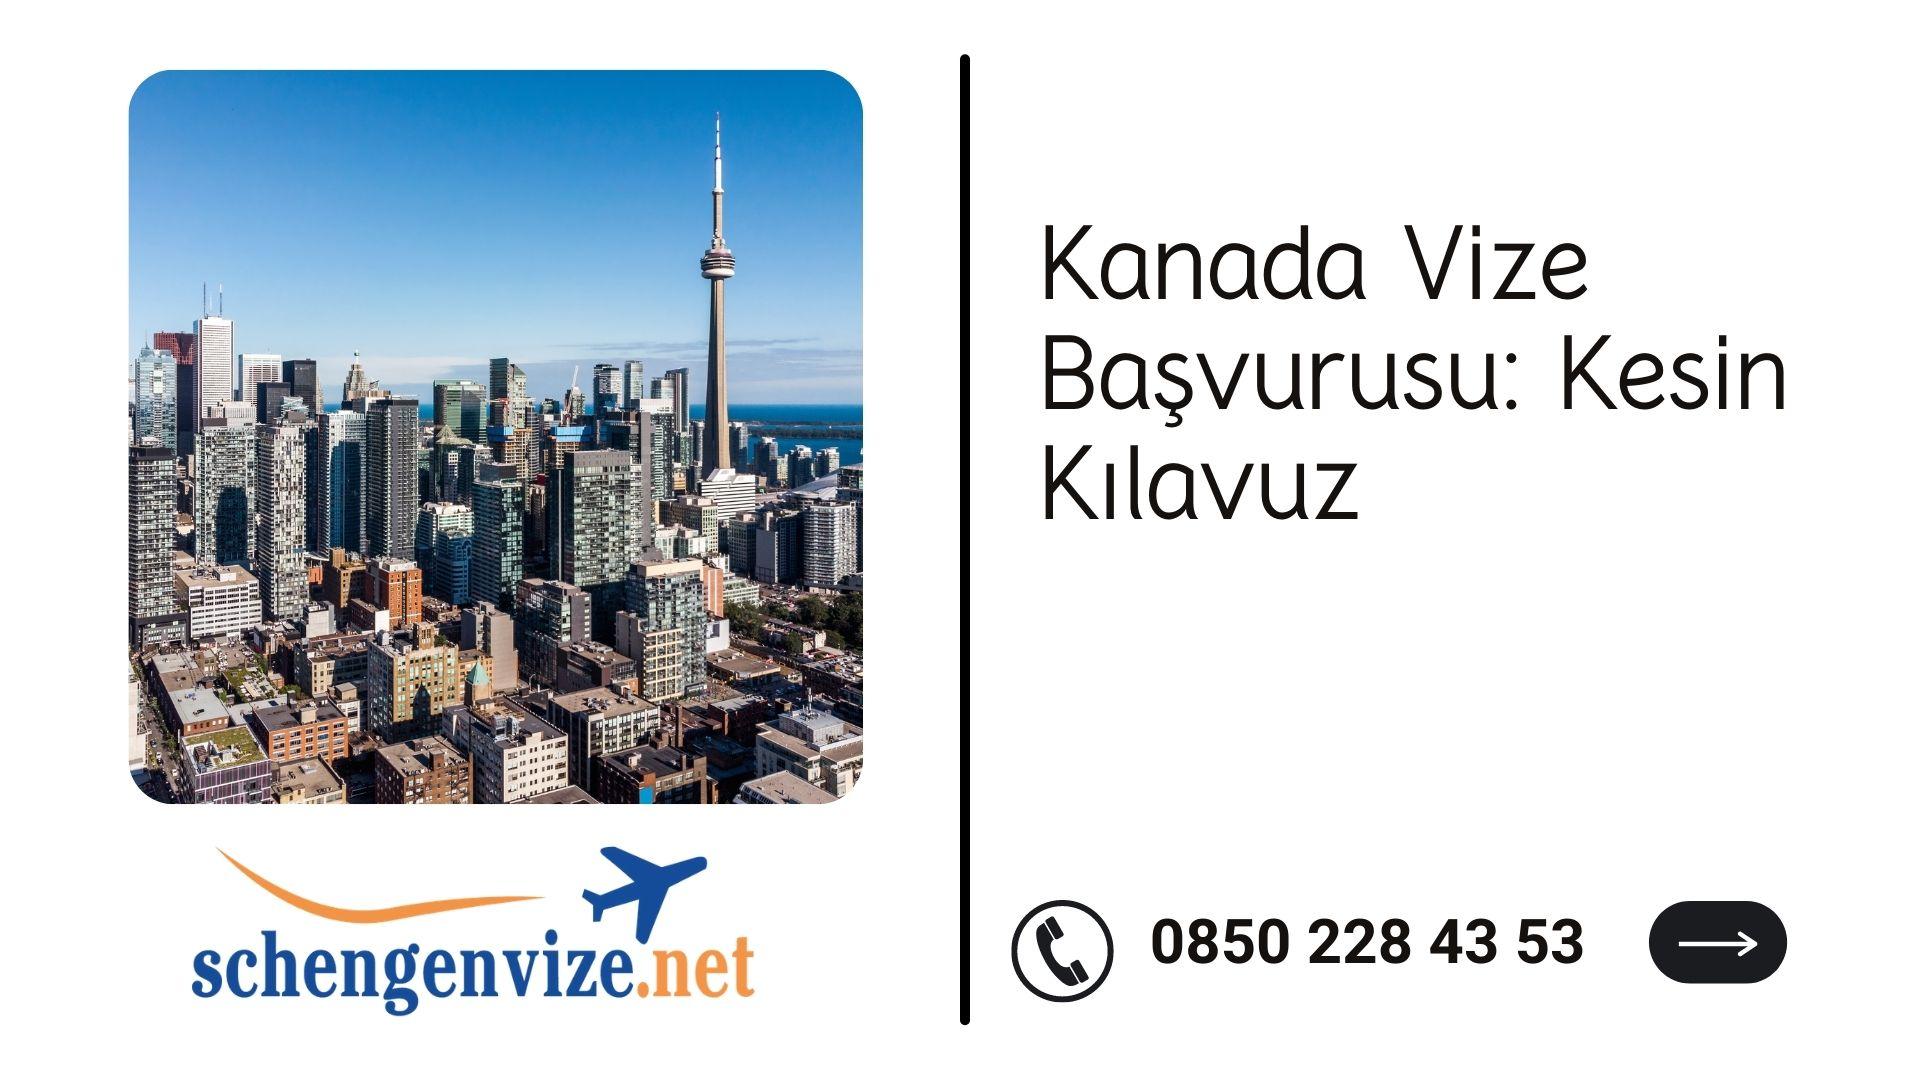 Kanada Vize Başvurusu: Kesin Kılavuz 2021